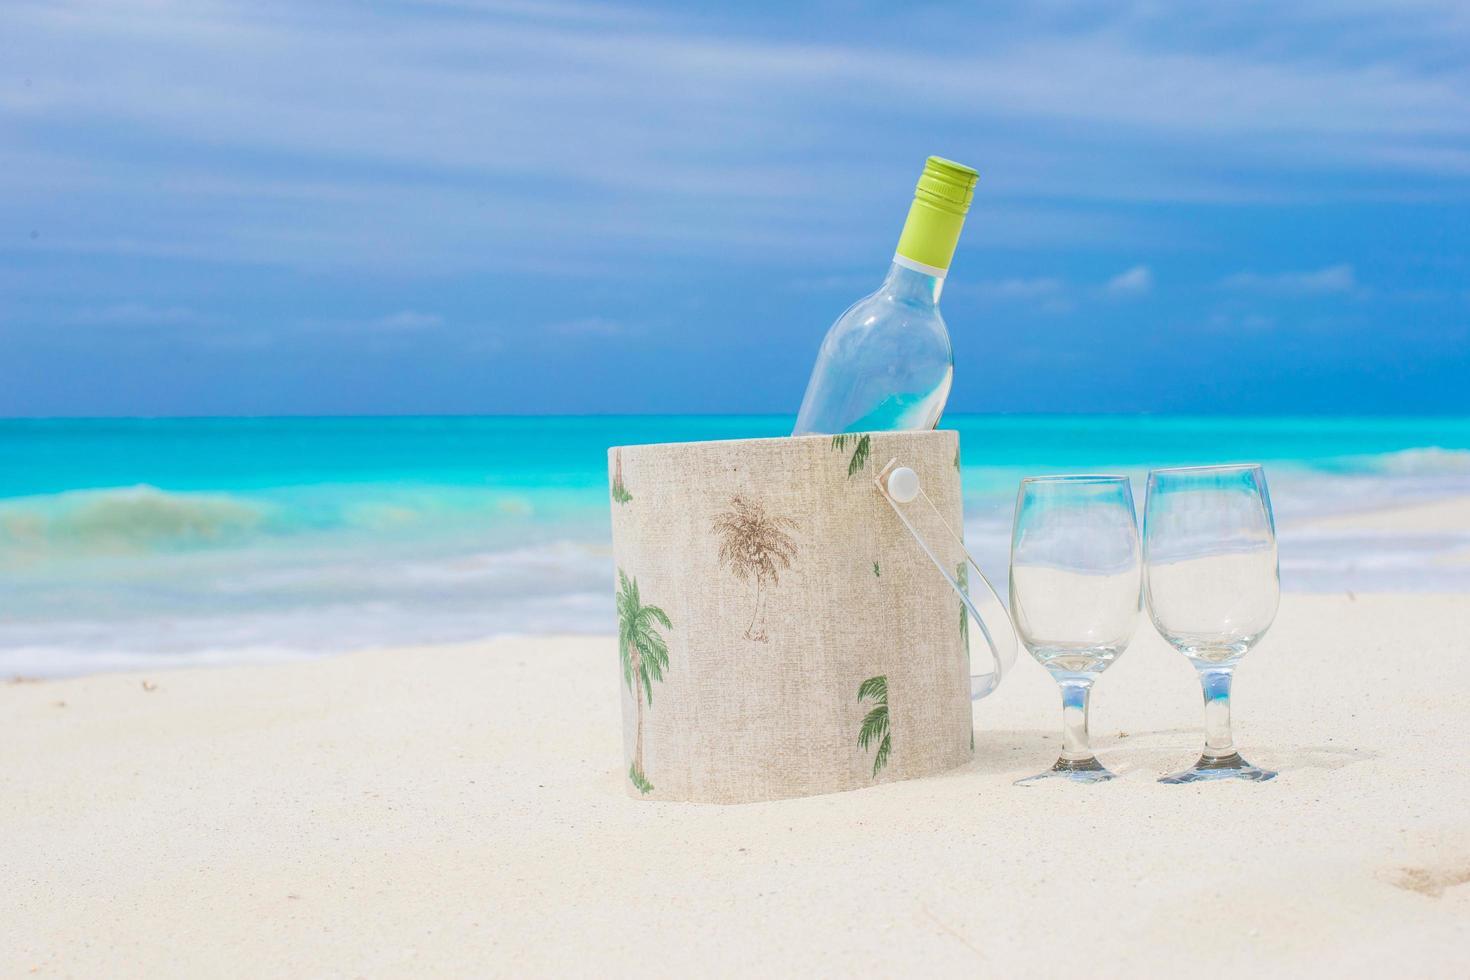 vin blanc et verres sur une plage photo